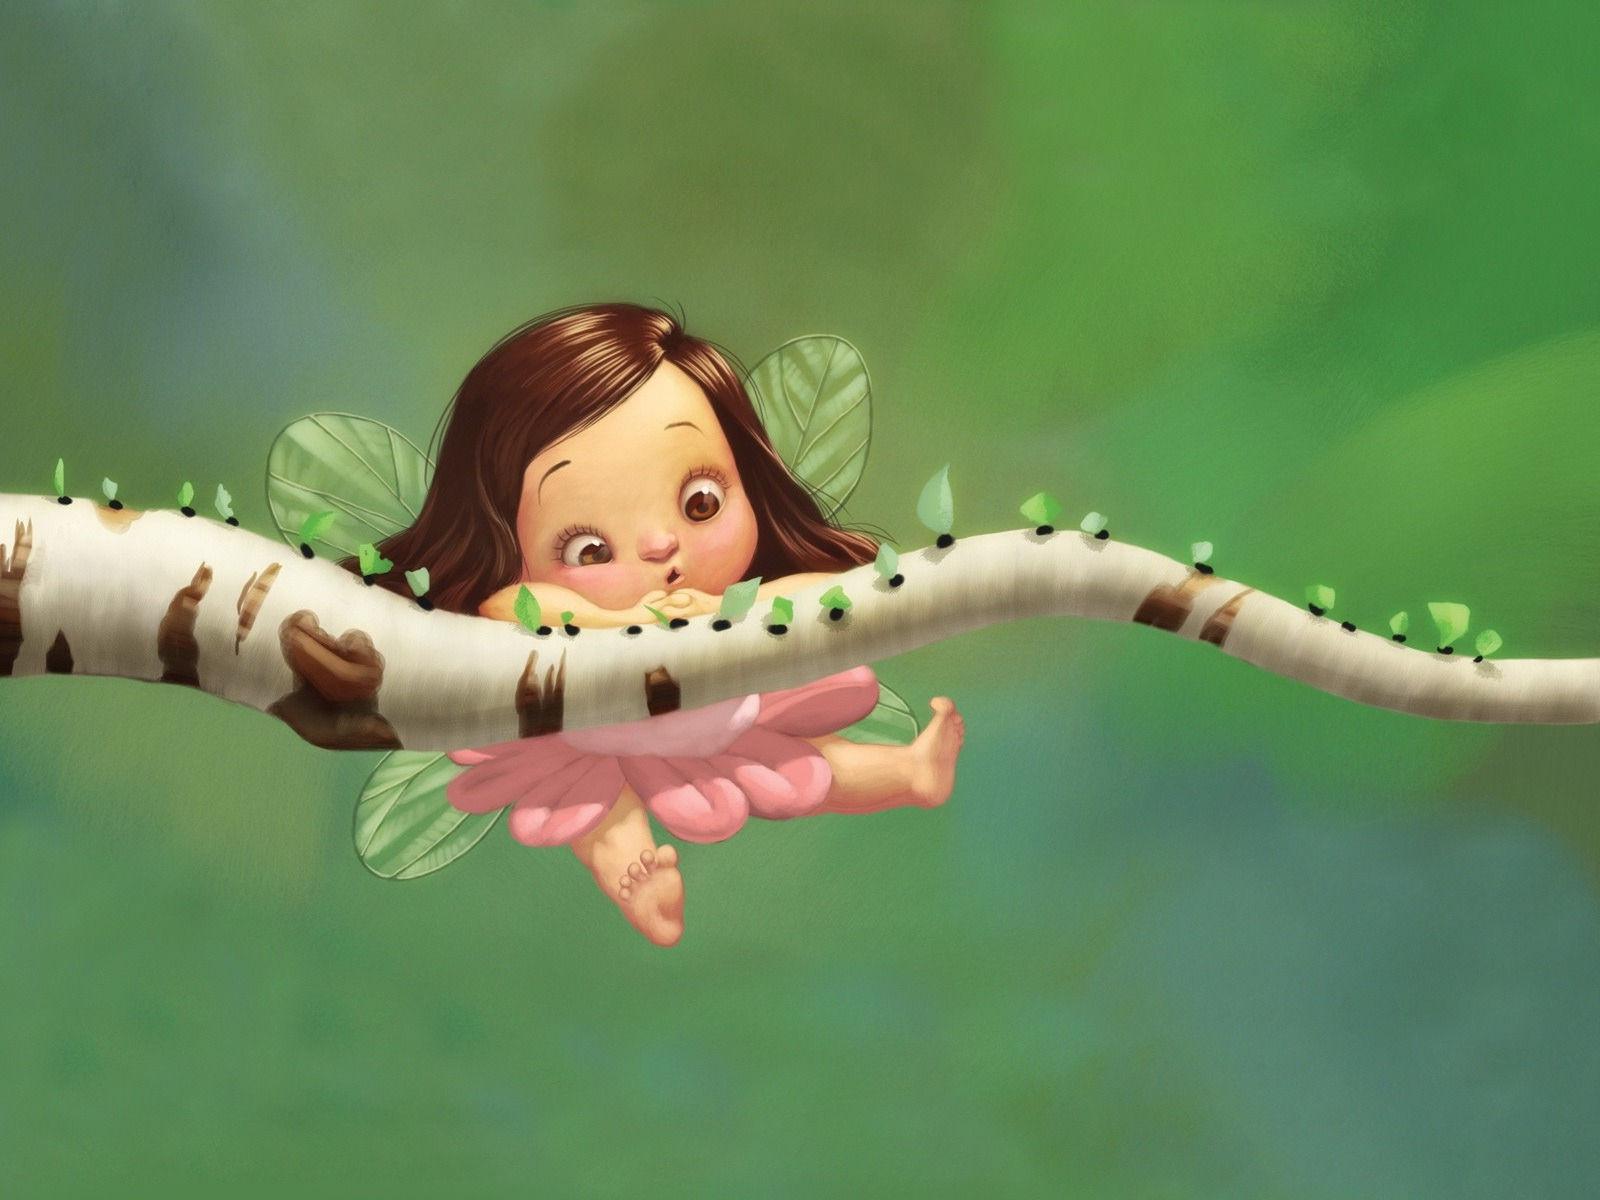 Fonds D écran Enfant Art Et Fantaisie Maximumwallhd